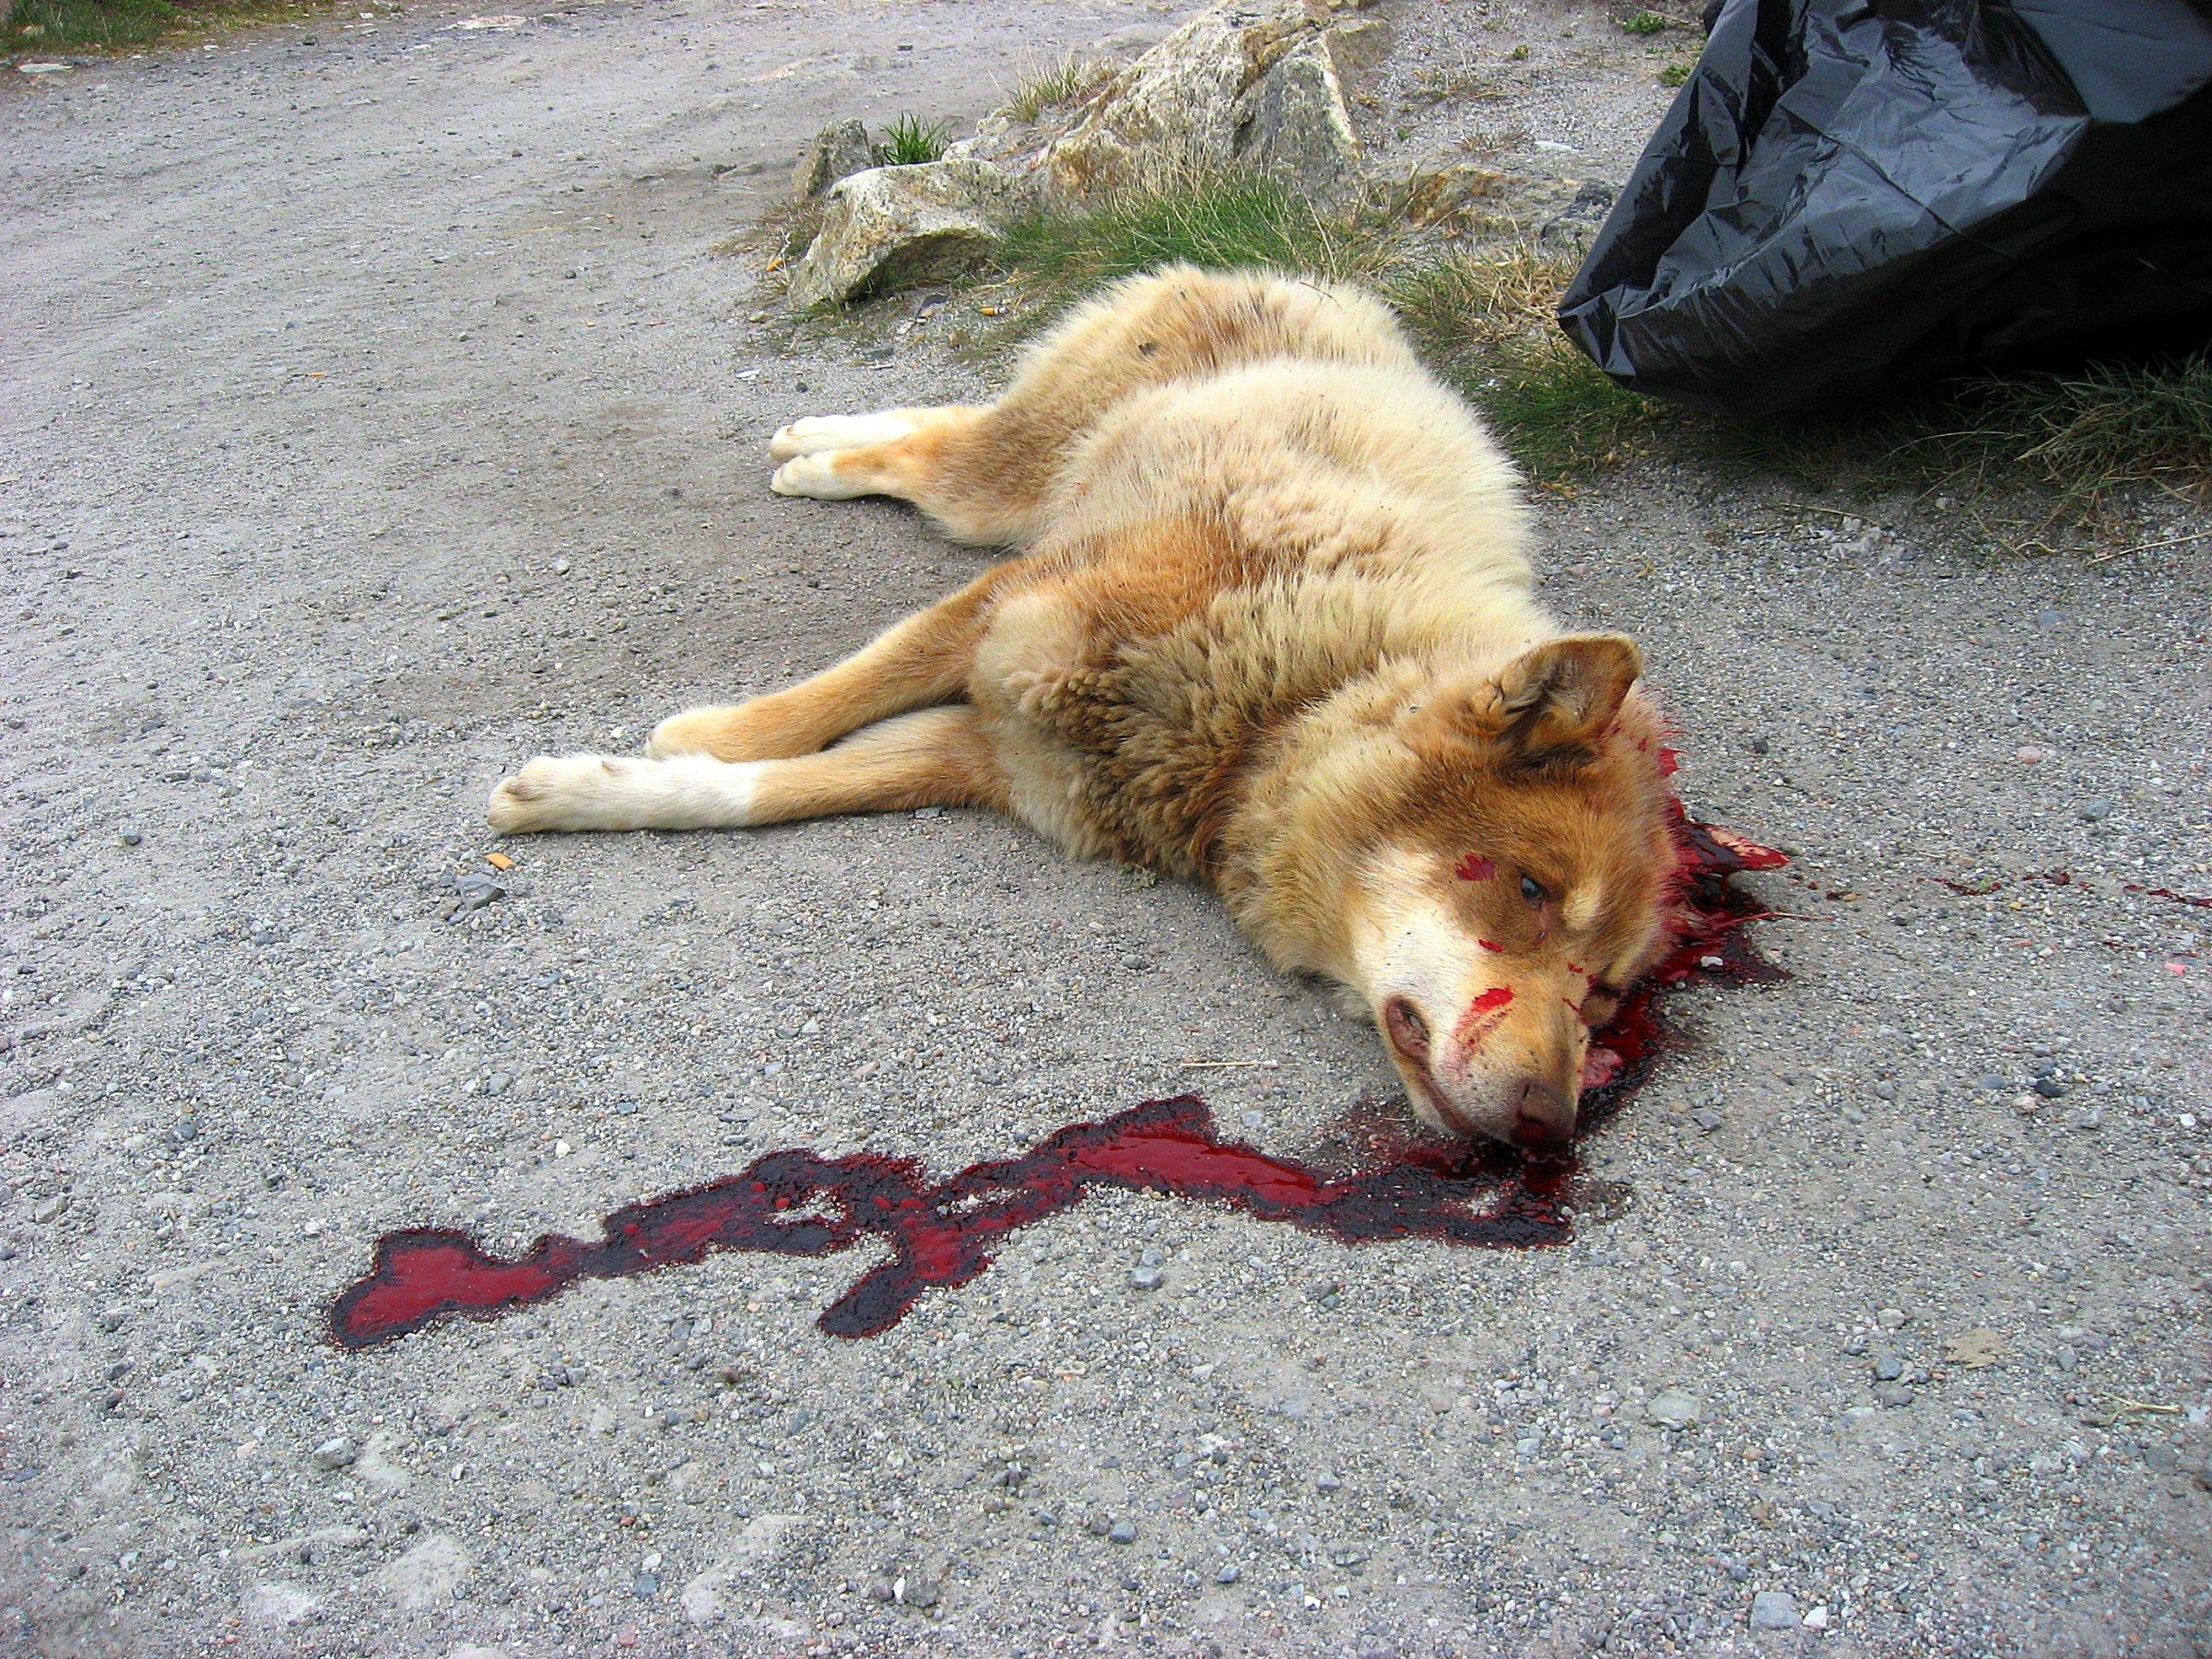 Description recently shot greenland dog upernavik 2007-07-02 edited